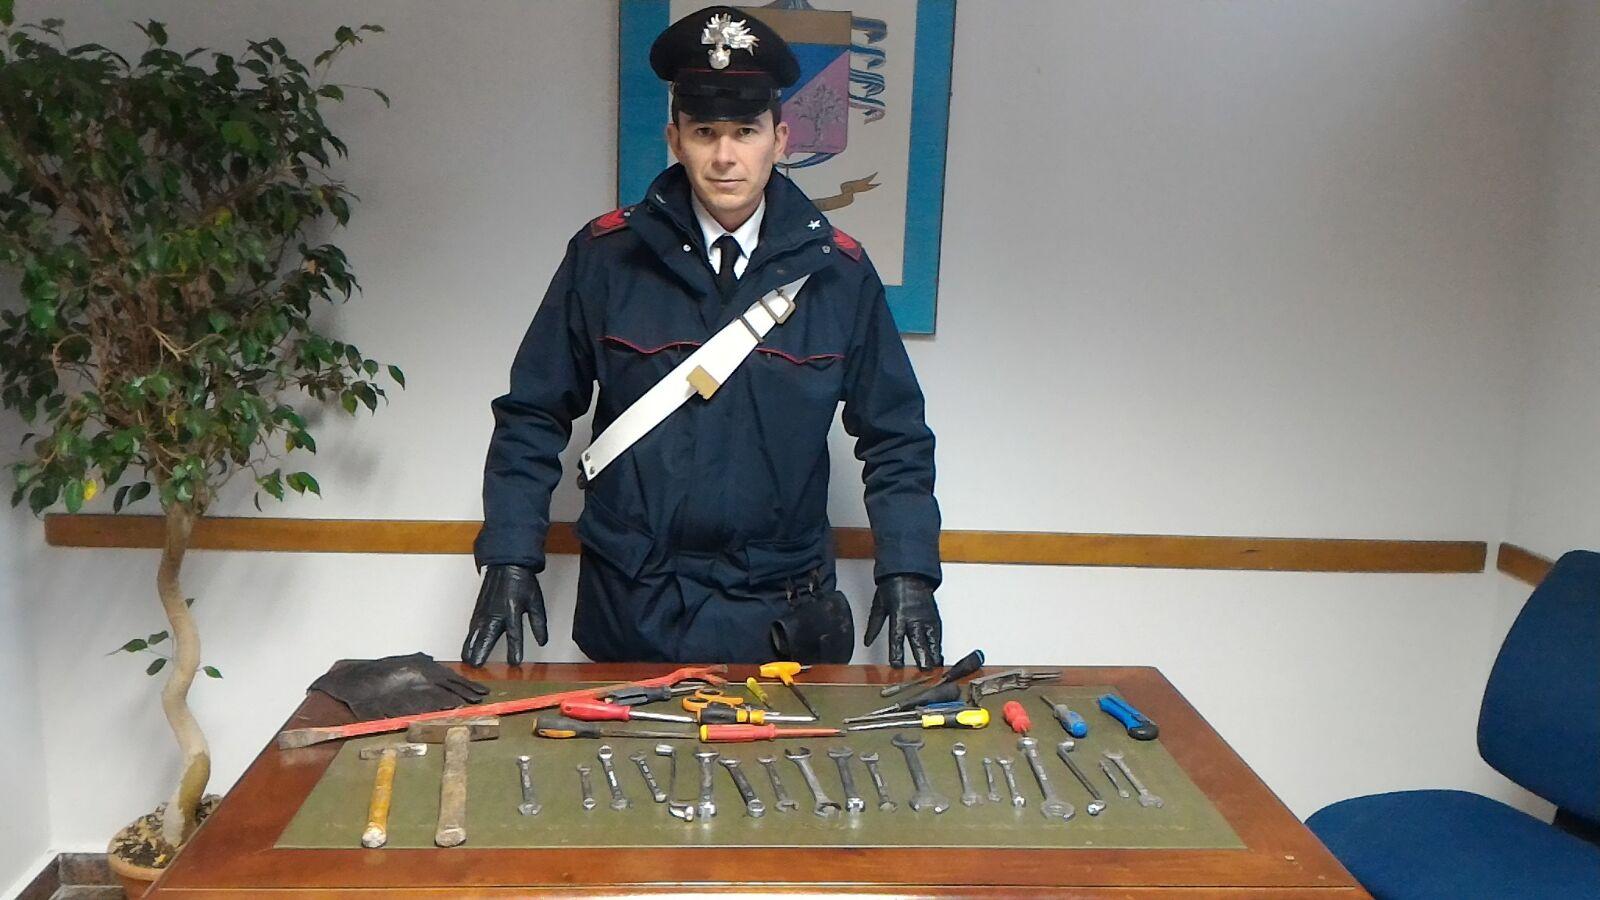 Tentato furto in tabaccheria, arrestati due giovani